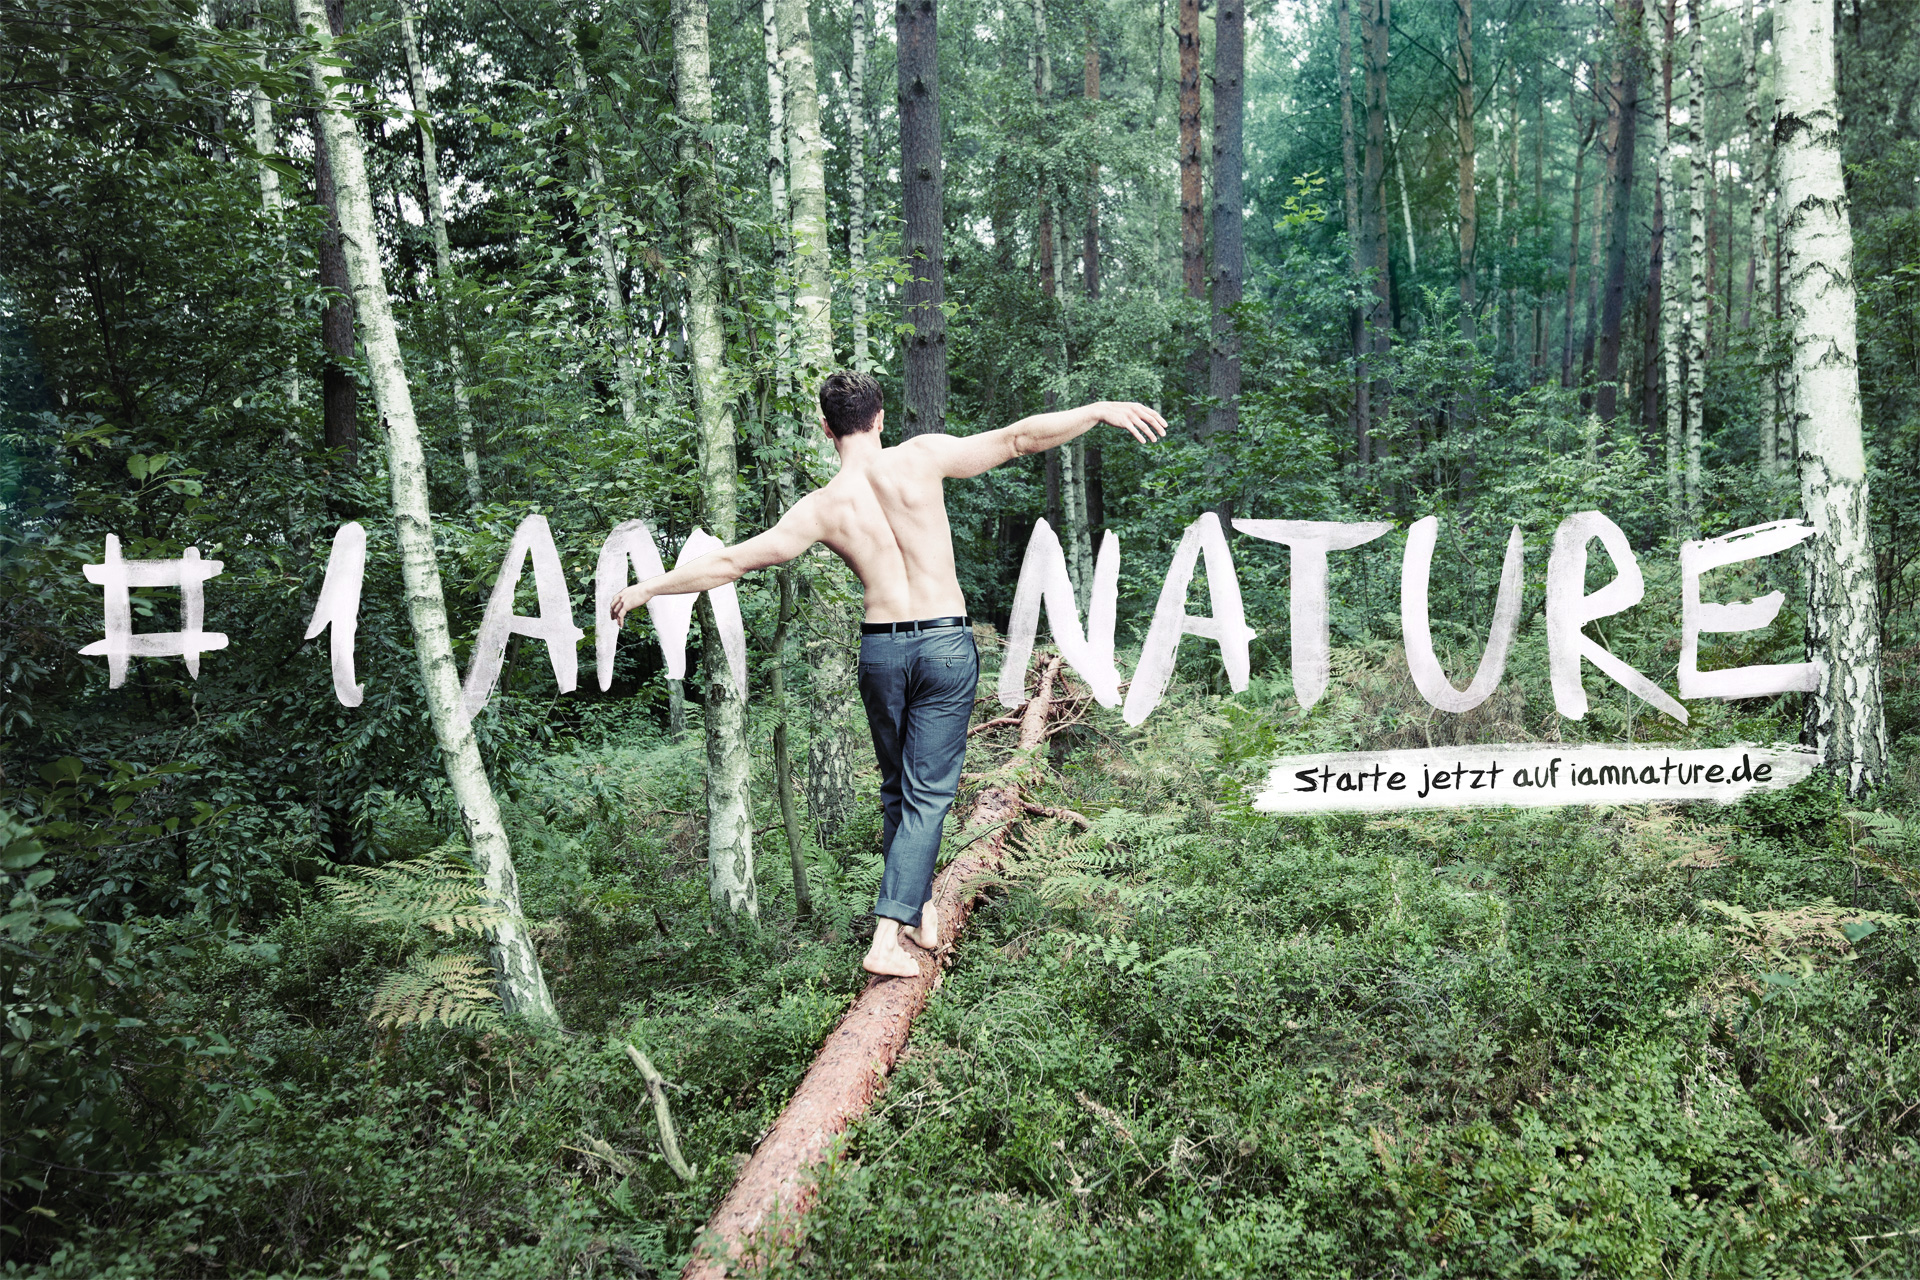 Plakatmotiv #iamnature